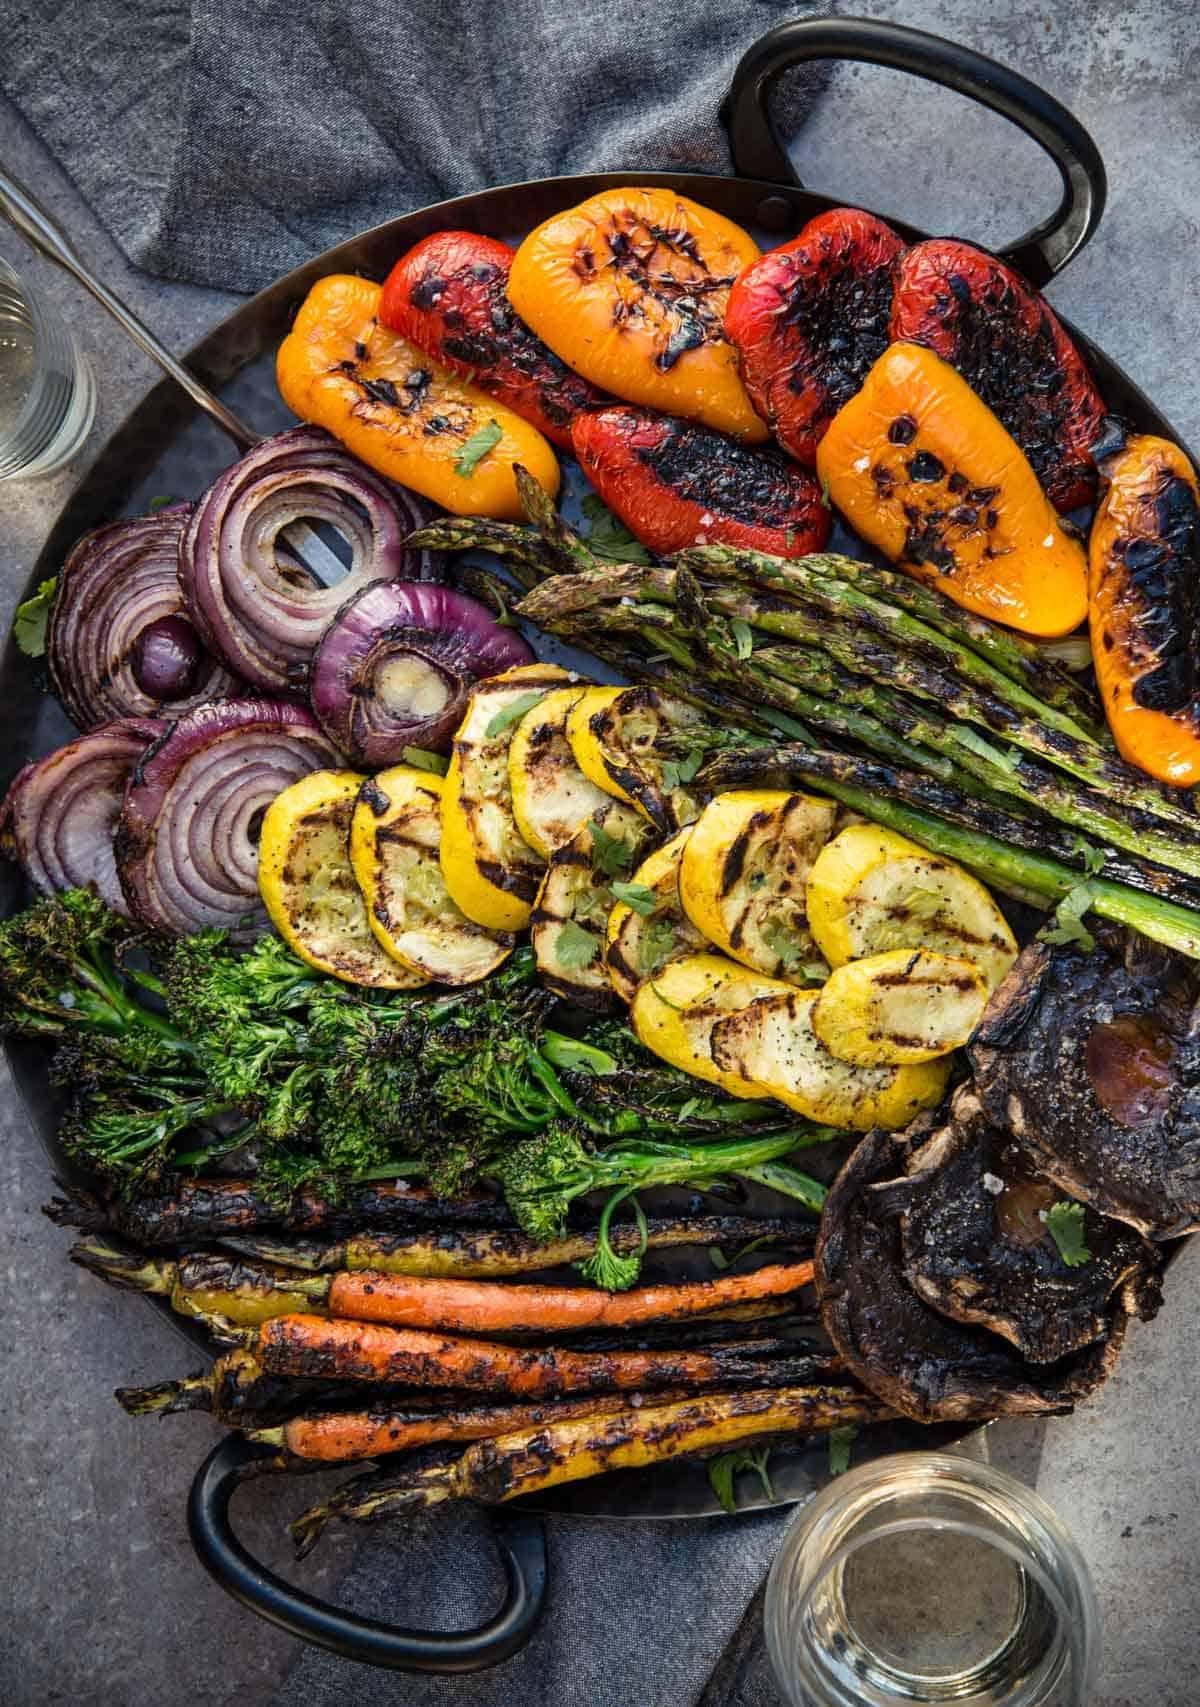 A platter of grilled vegetables.